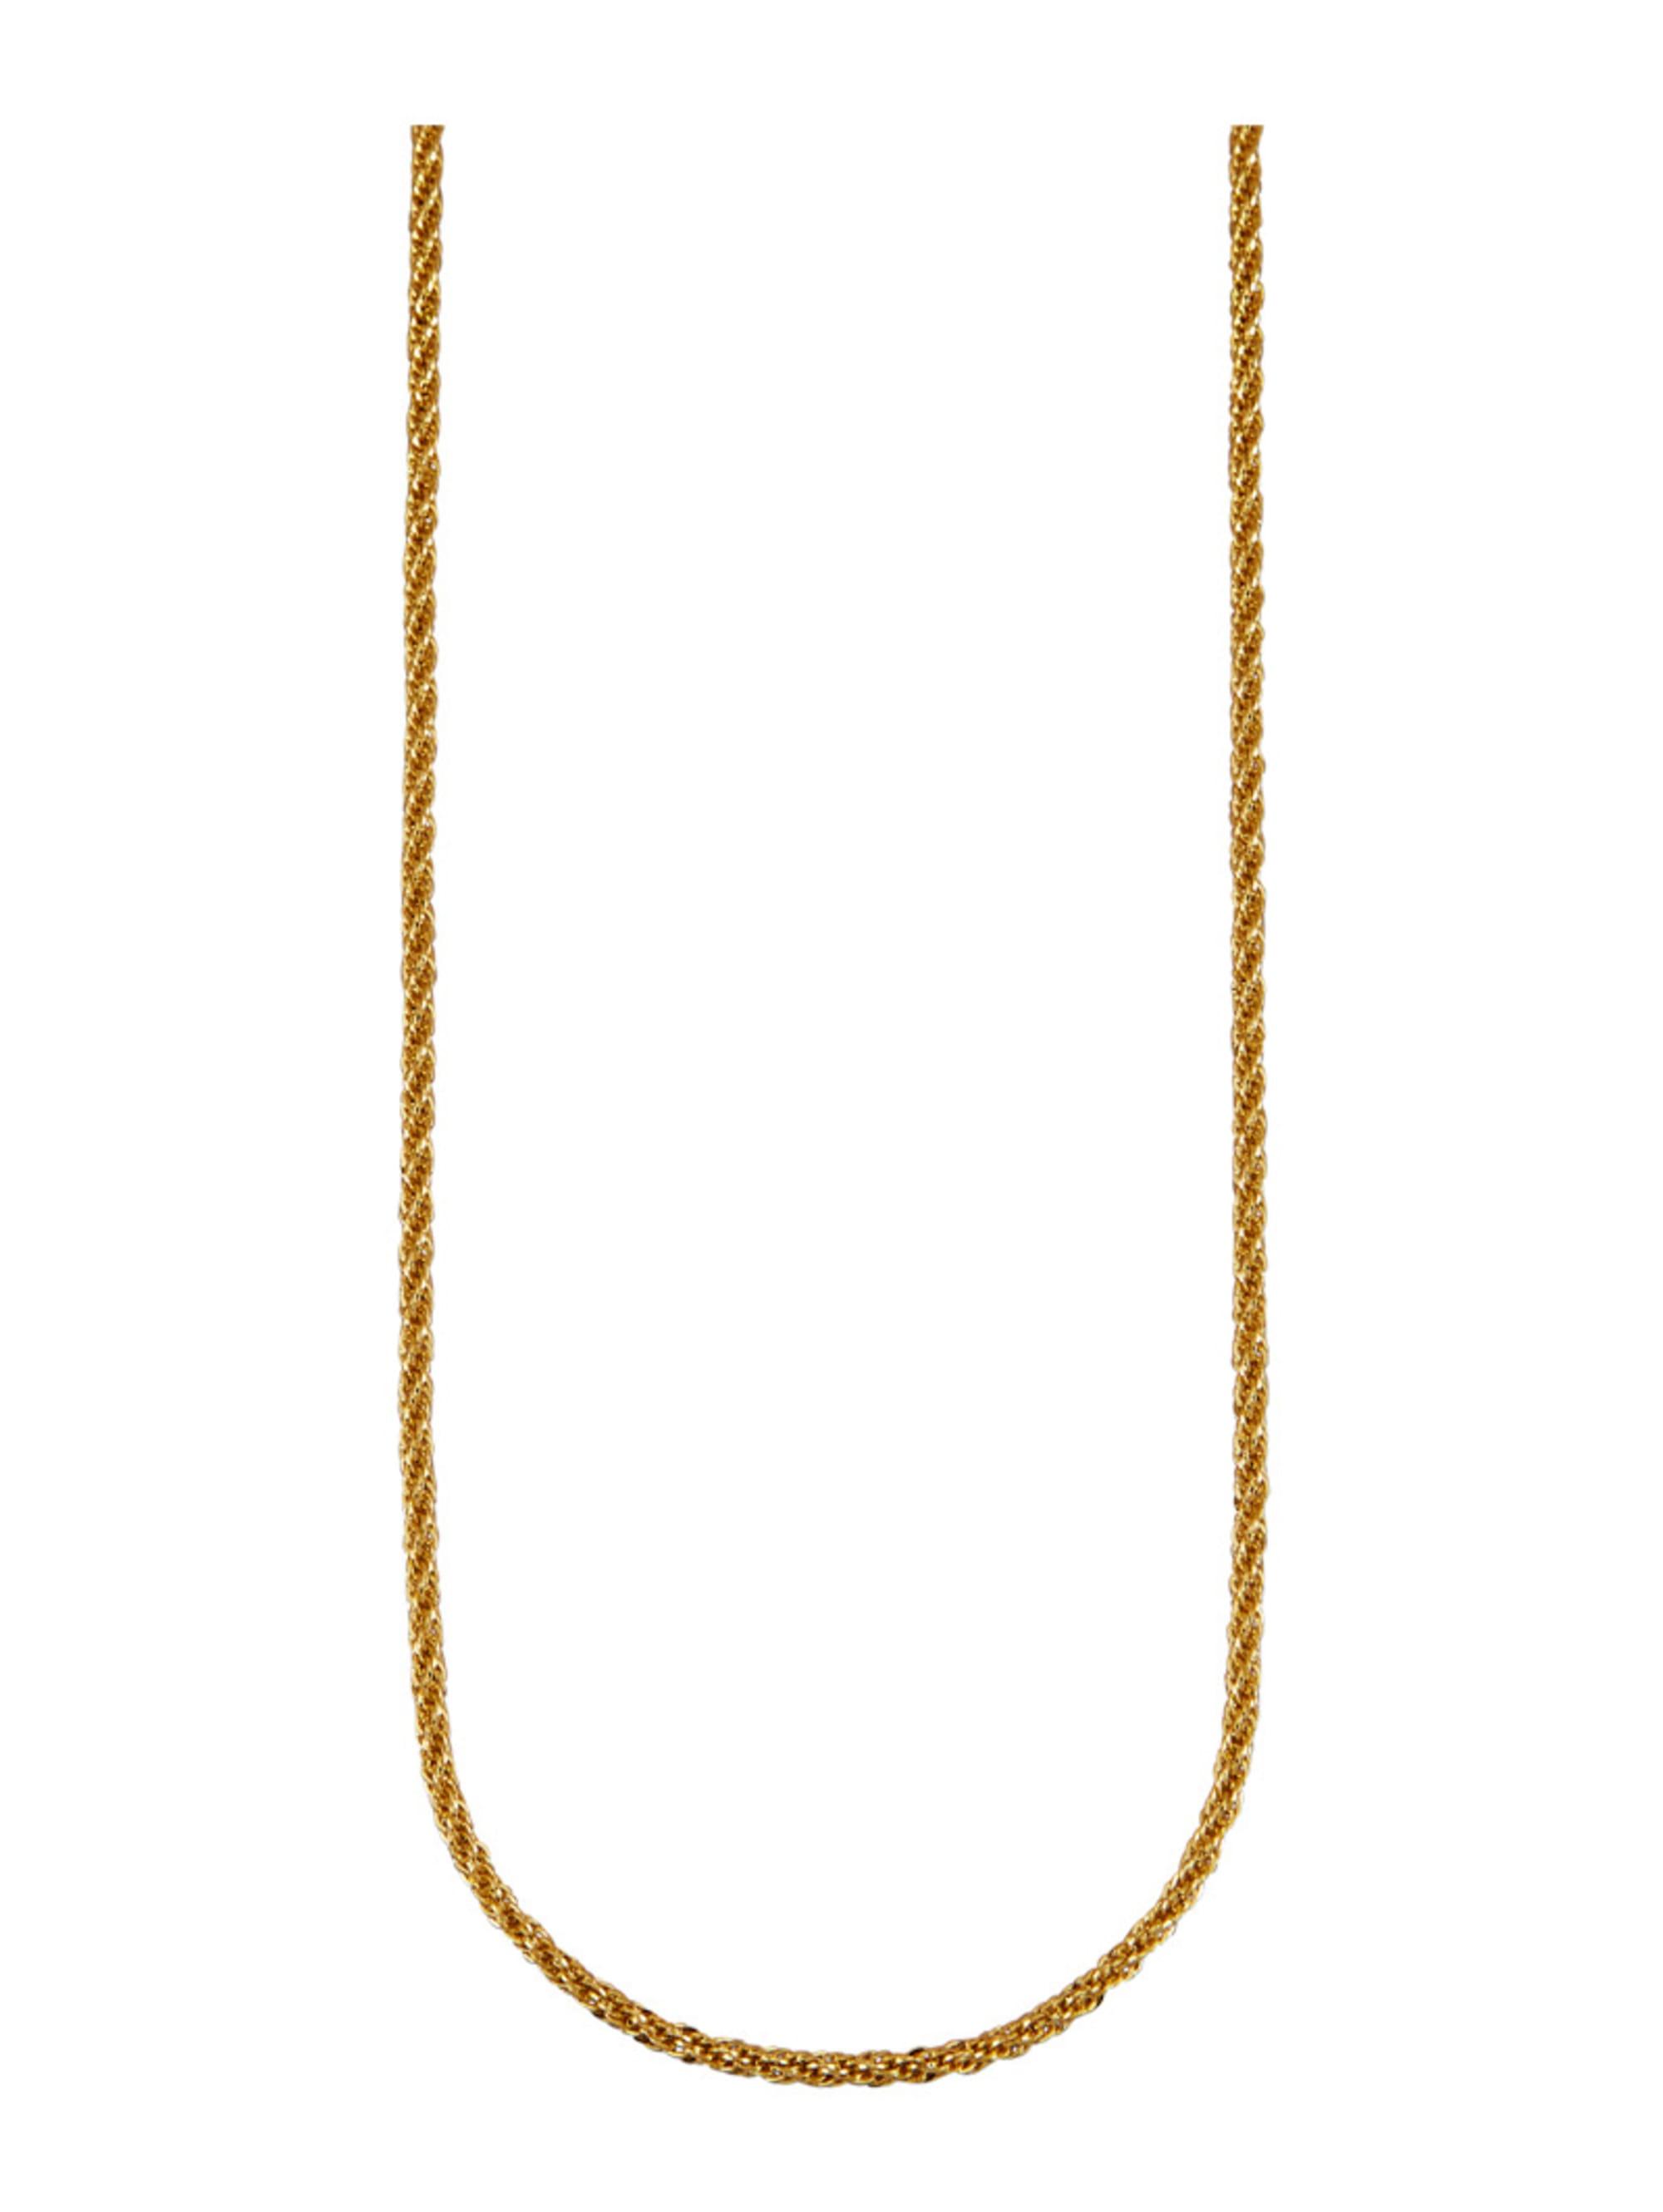 Diemer Gold Kordelkette in Gelbgold 585 8XtiF